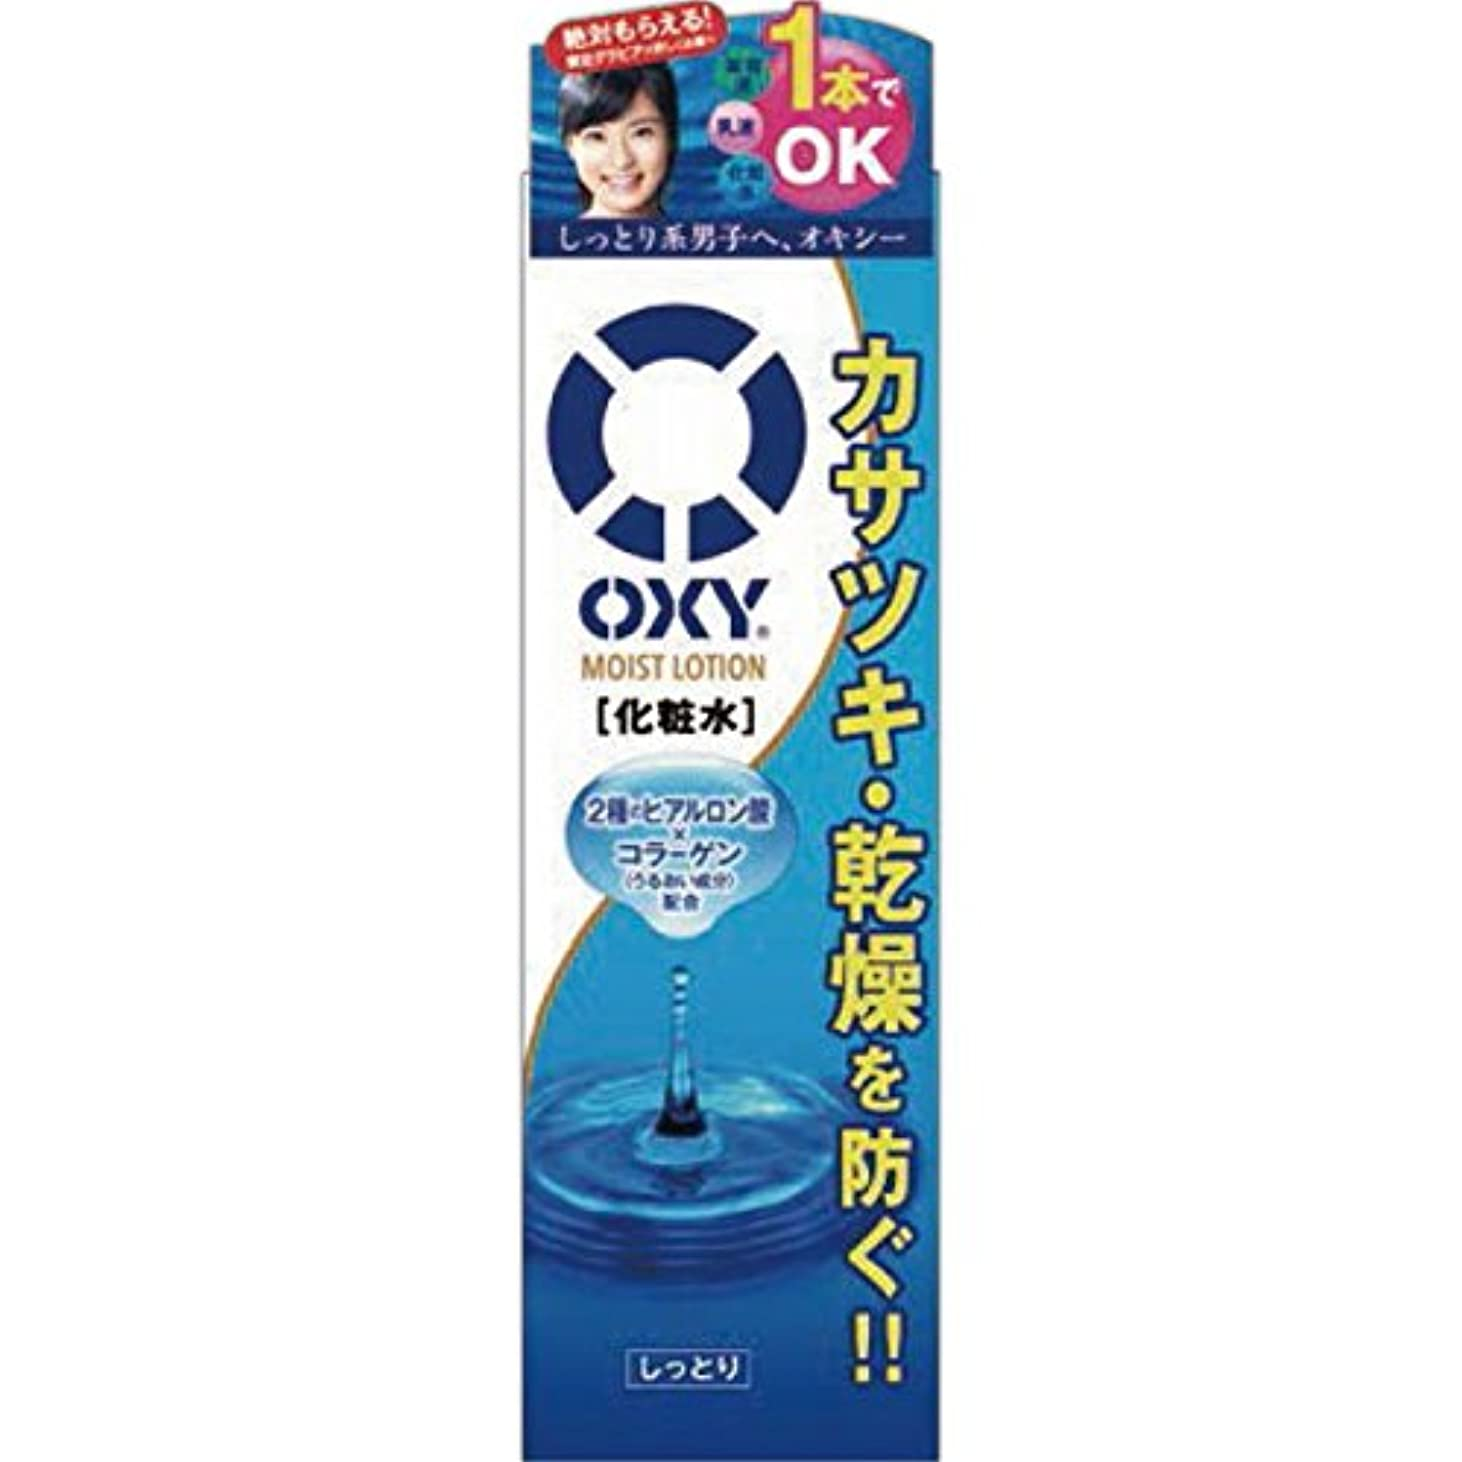 理容室厄介なアナロジーオキシー (Oxy) モイストローション オールインワン化粧水 2種のヒアルロン酸×コラーゲン配合 ゼラニウムの香 170mL